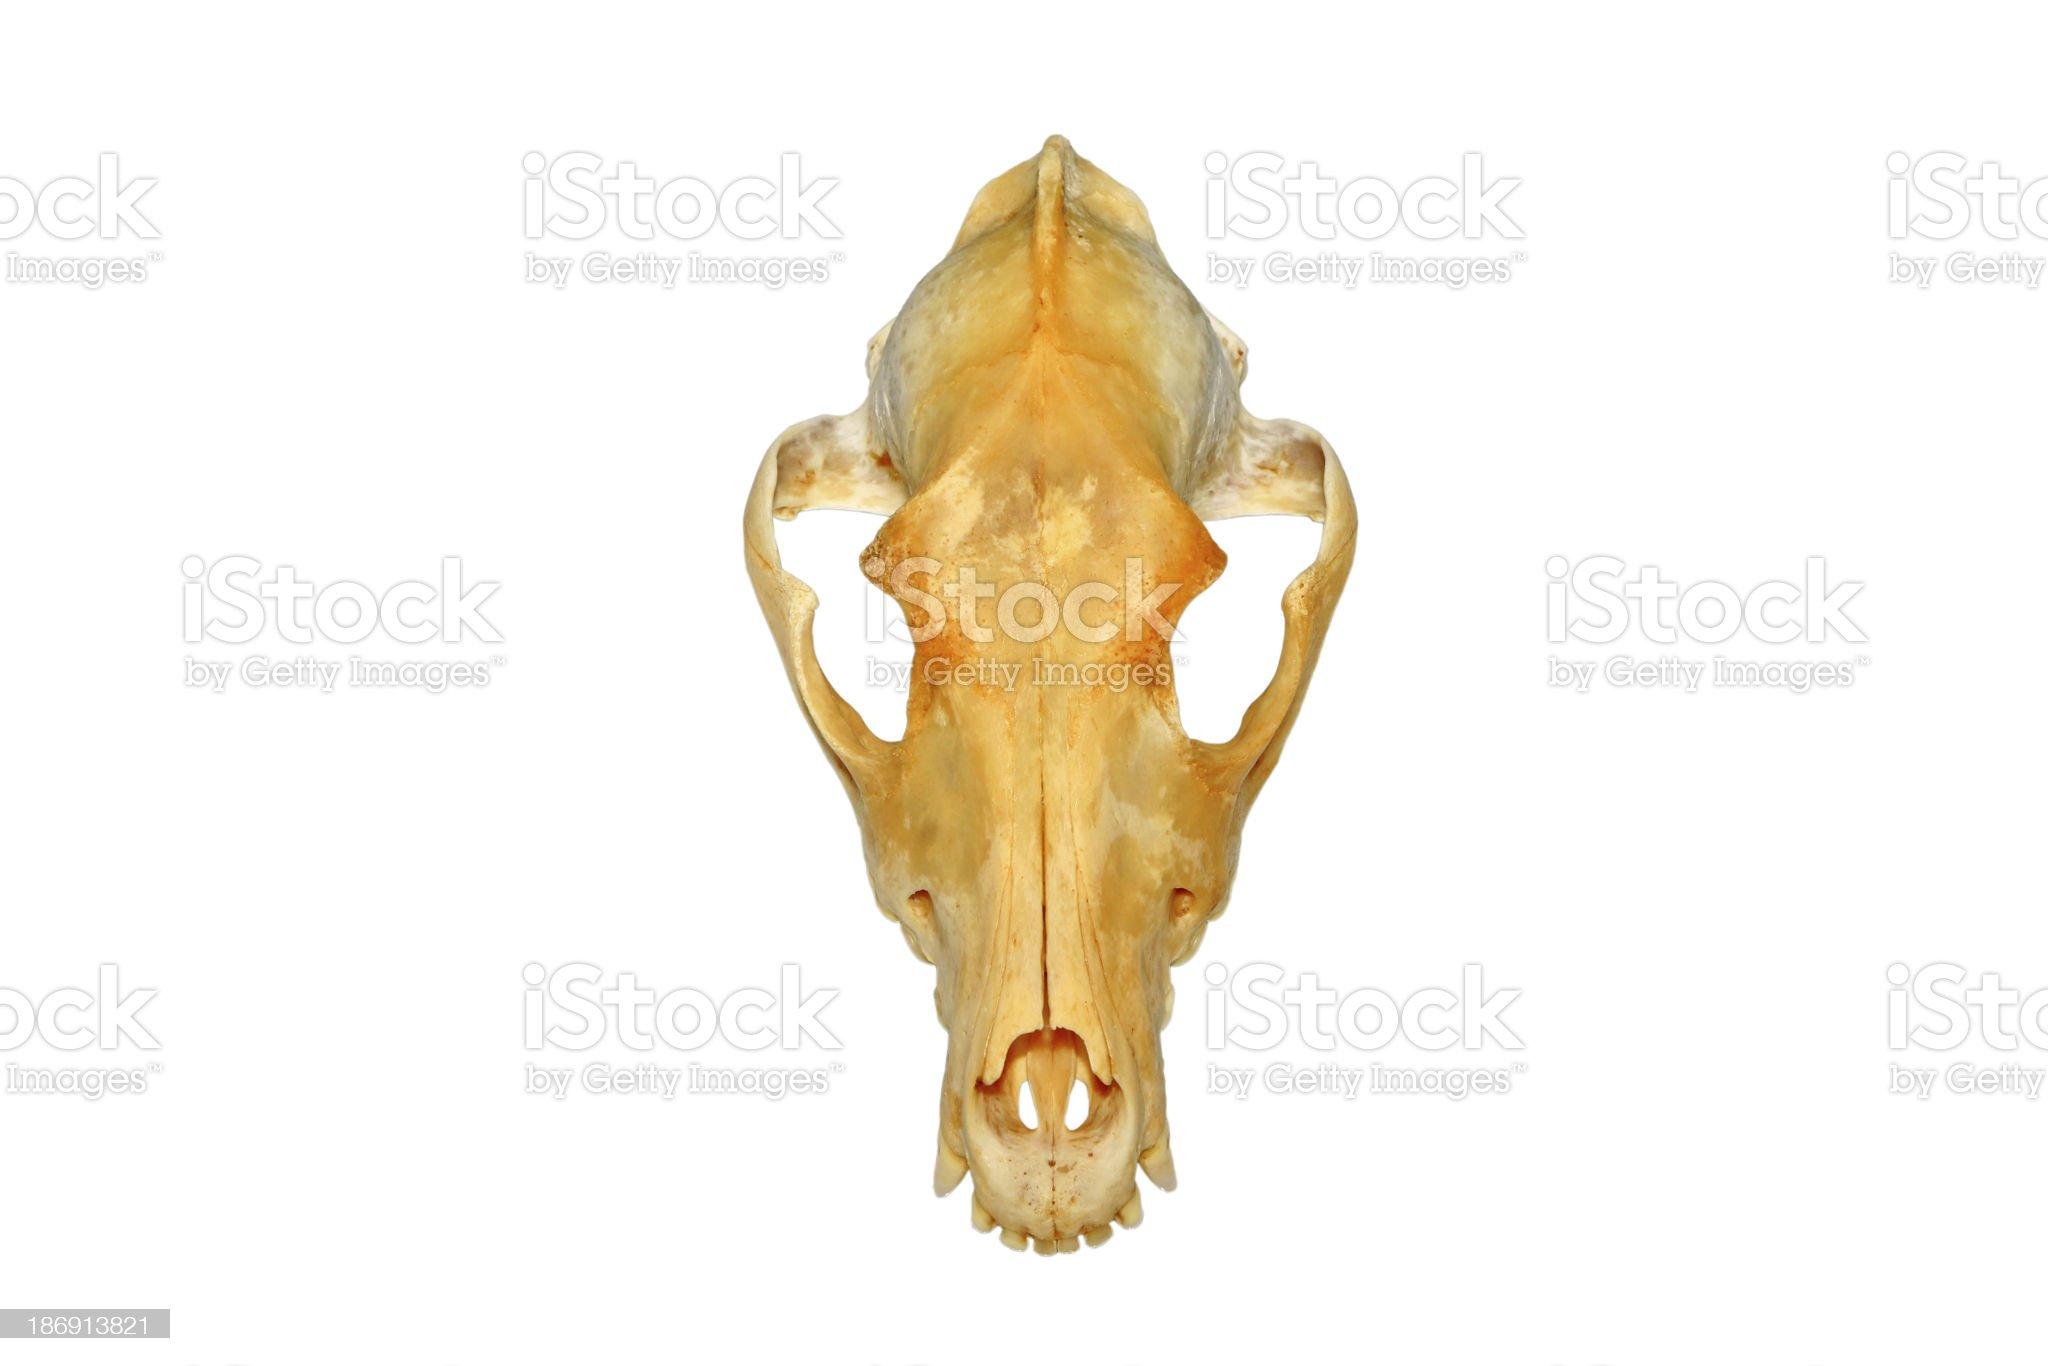 the dog's skull royalty-free stock photo